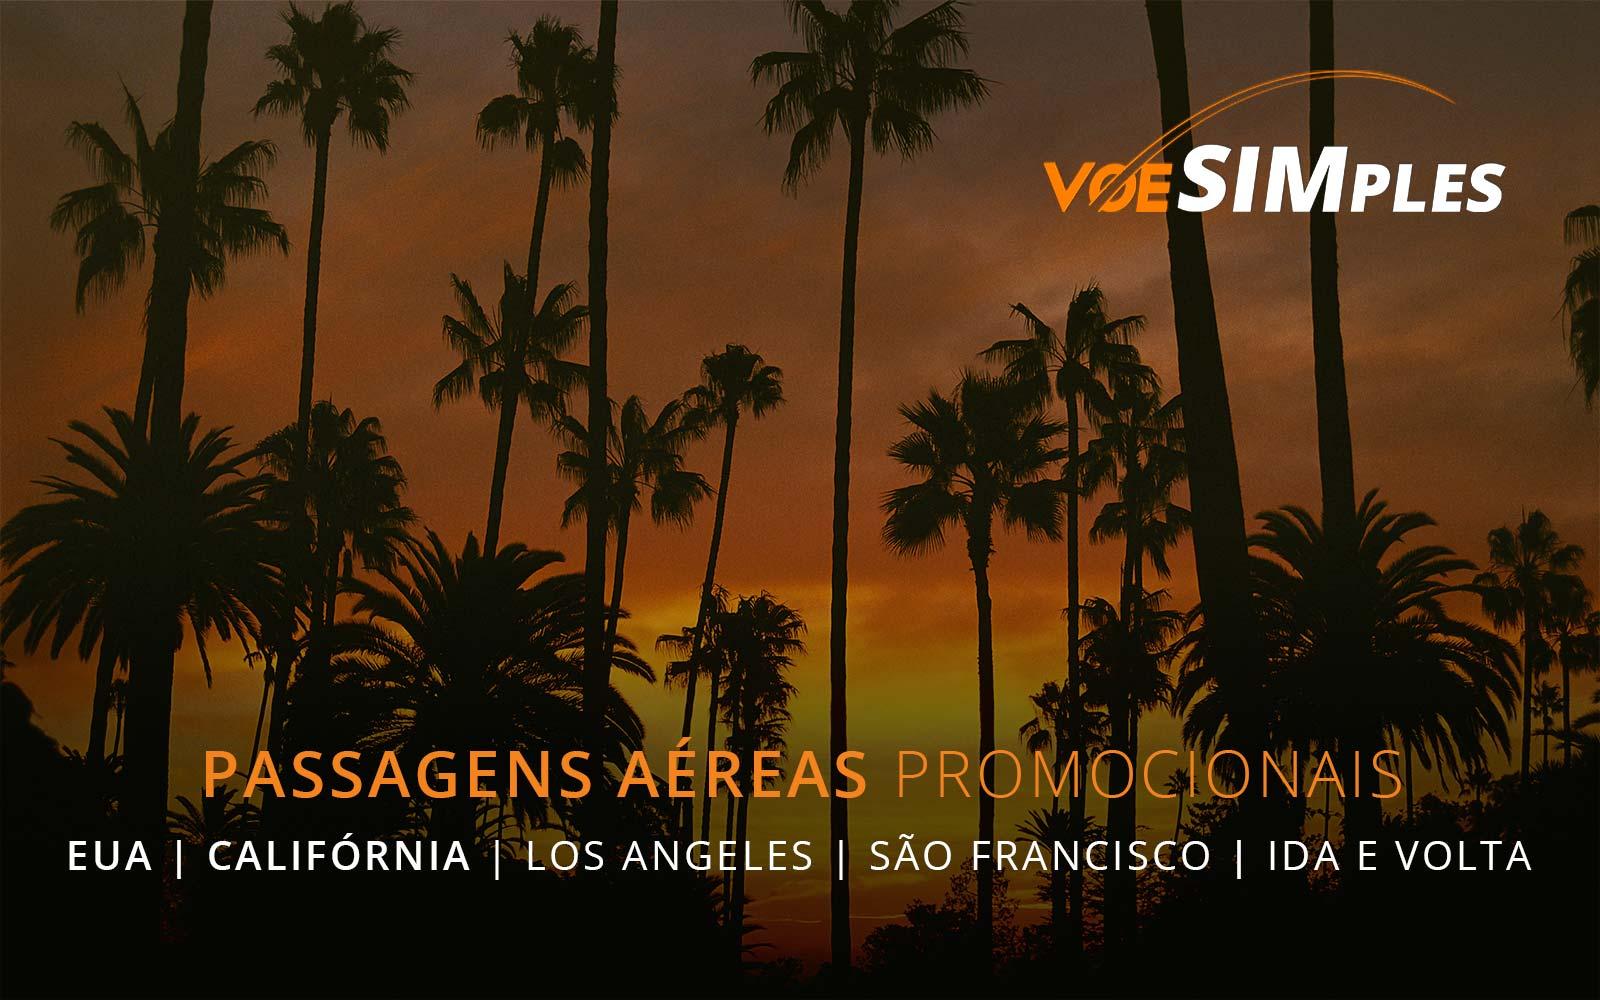 Passagens aéreas promocionais para a California nos Estados Unidos